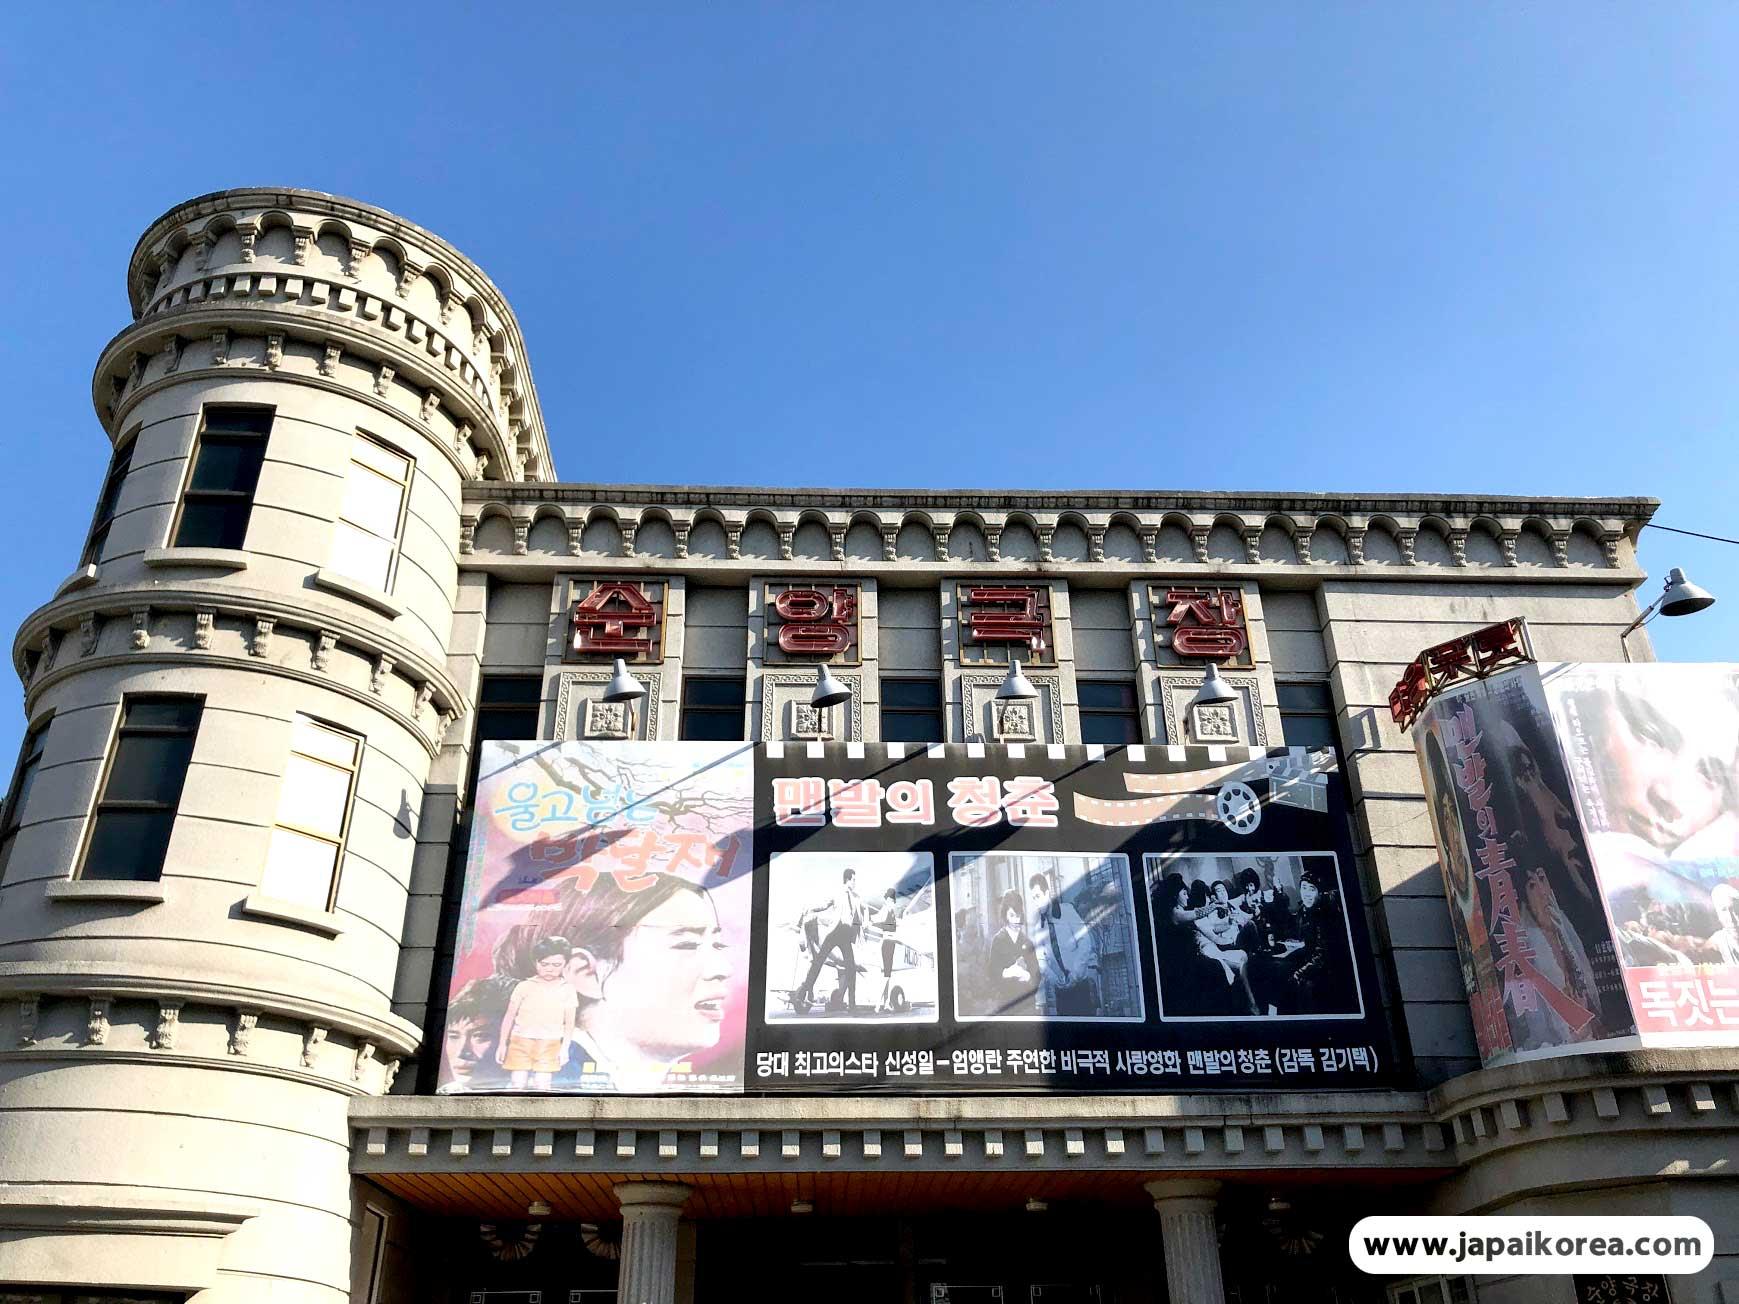 โรงภาพยนตร์เก่า เกาหลี